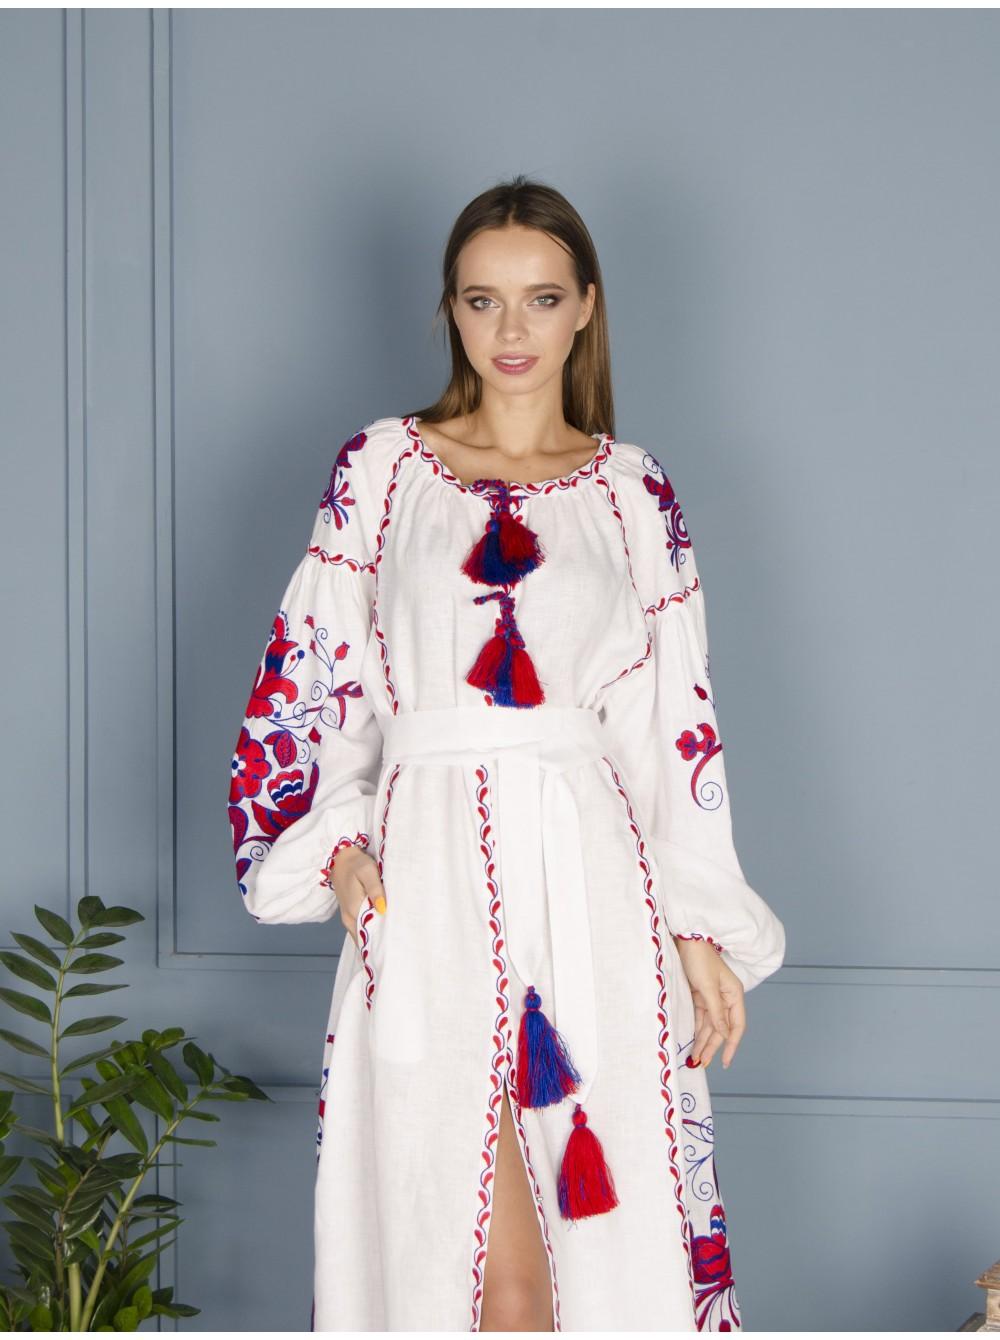 Біла лляна сукня 946c379dca29b